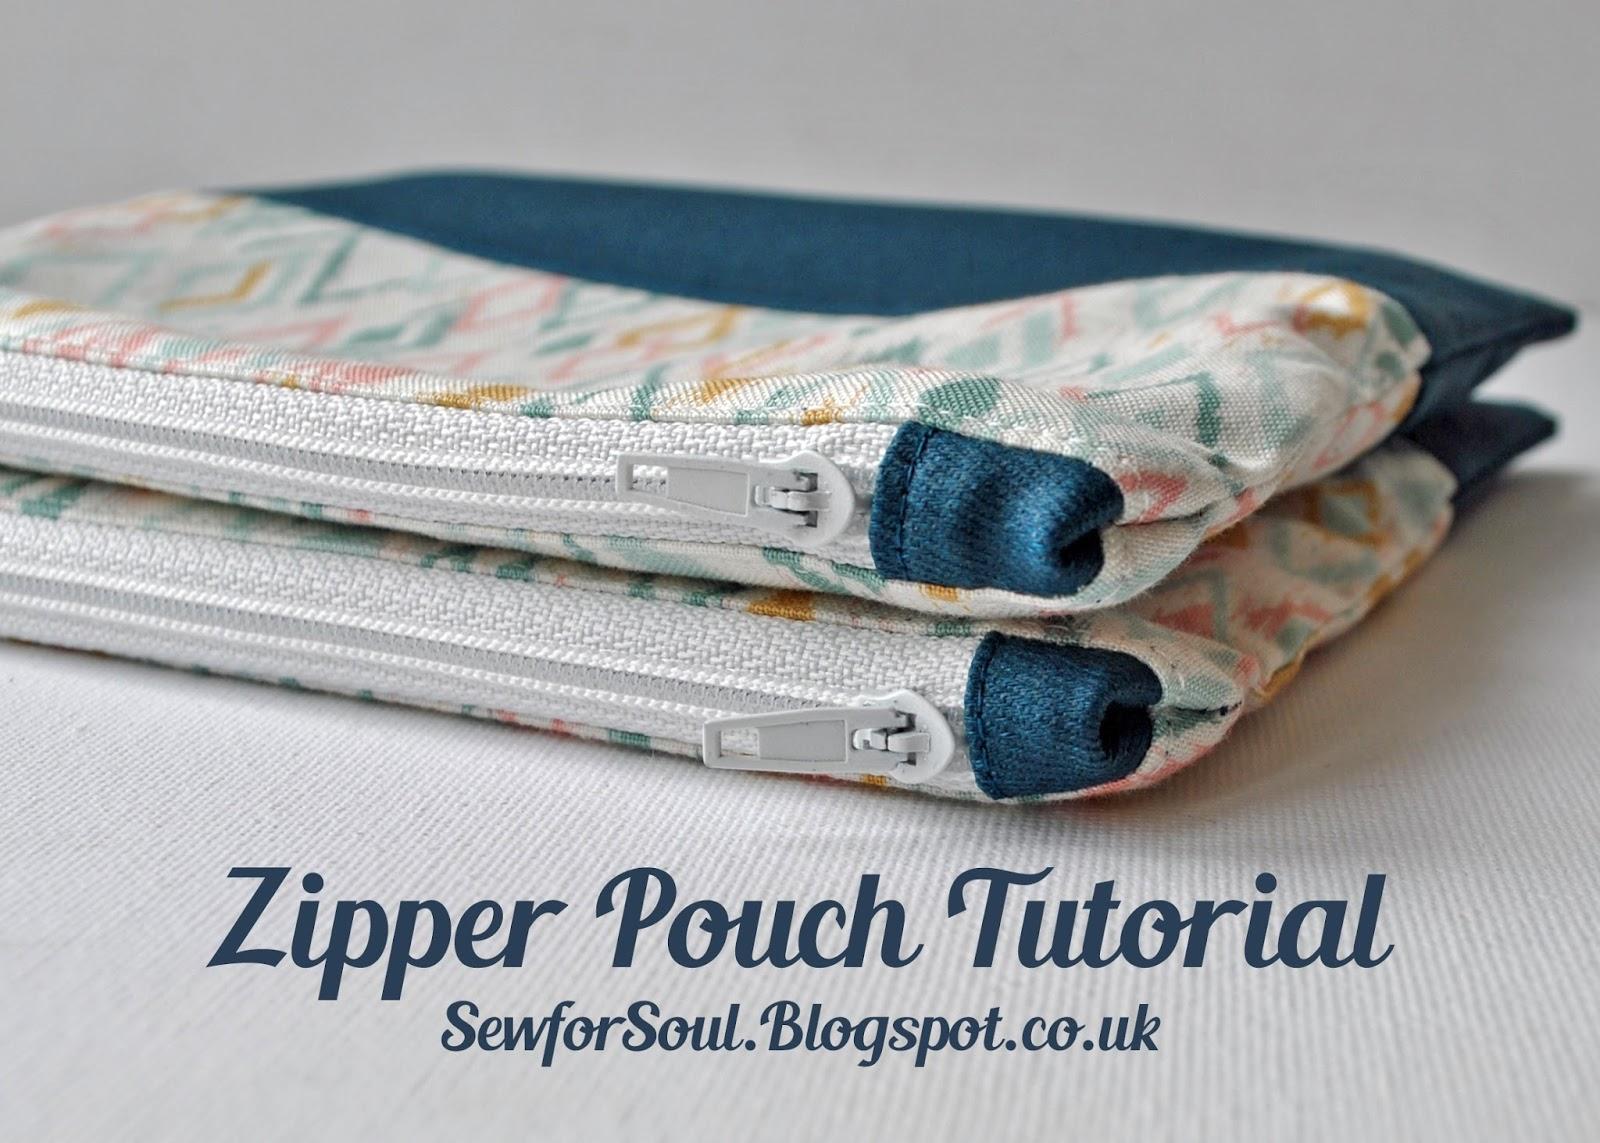 Sewforsoul Zipper Pouch Tutorial